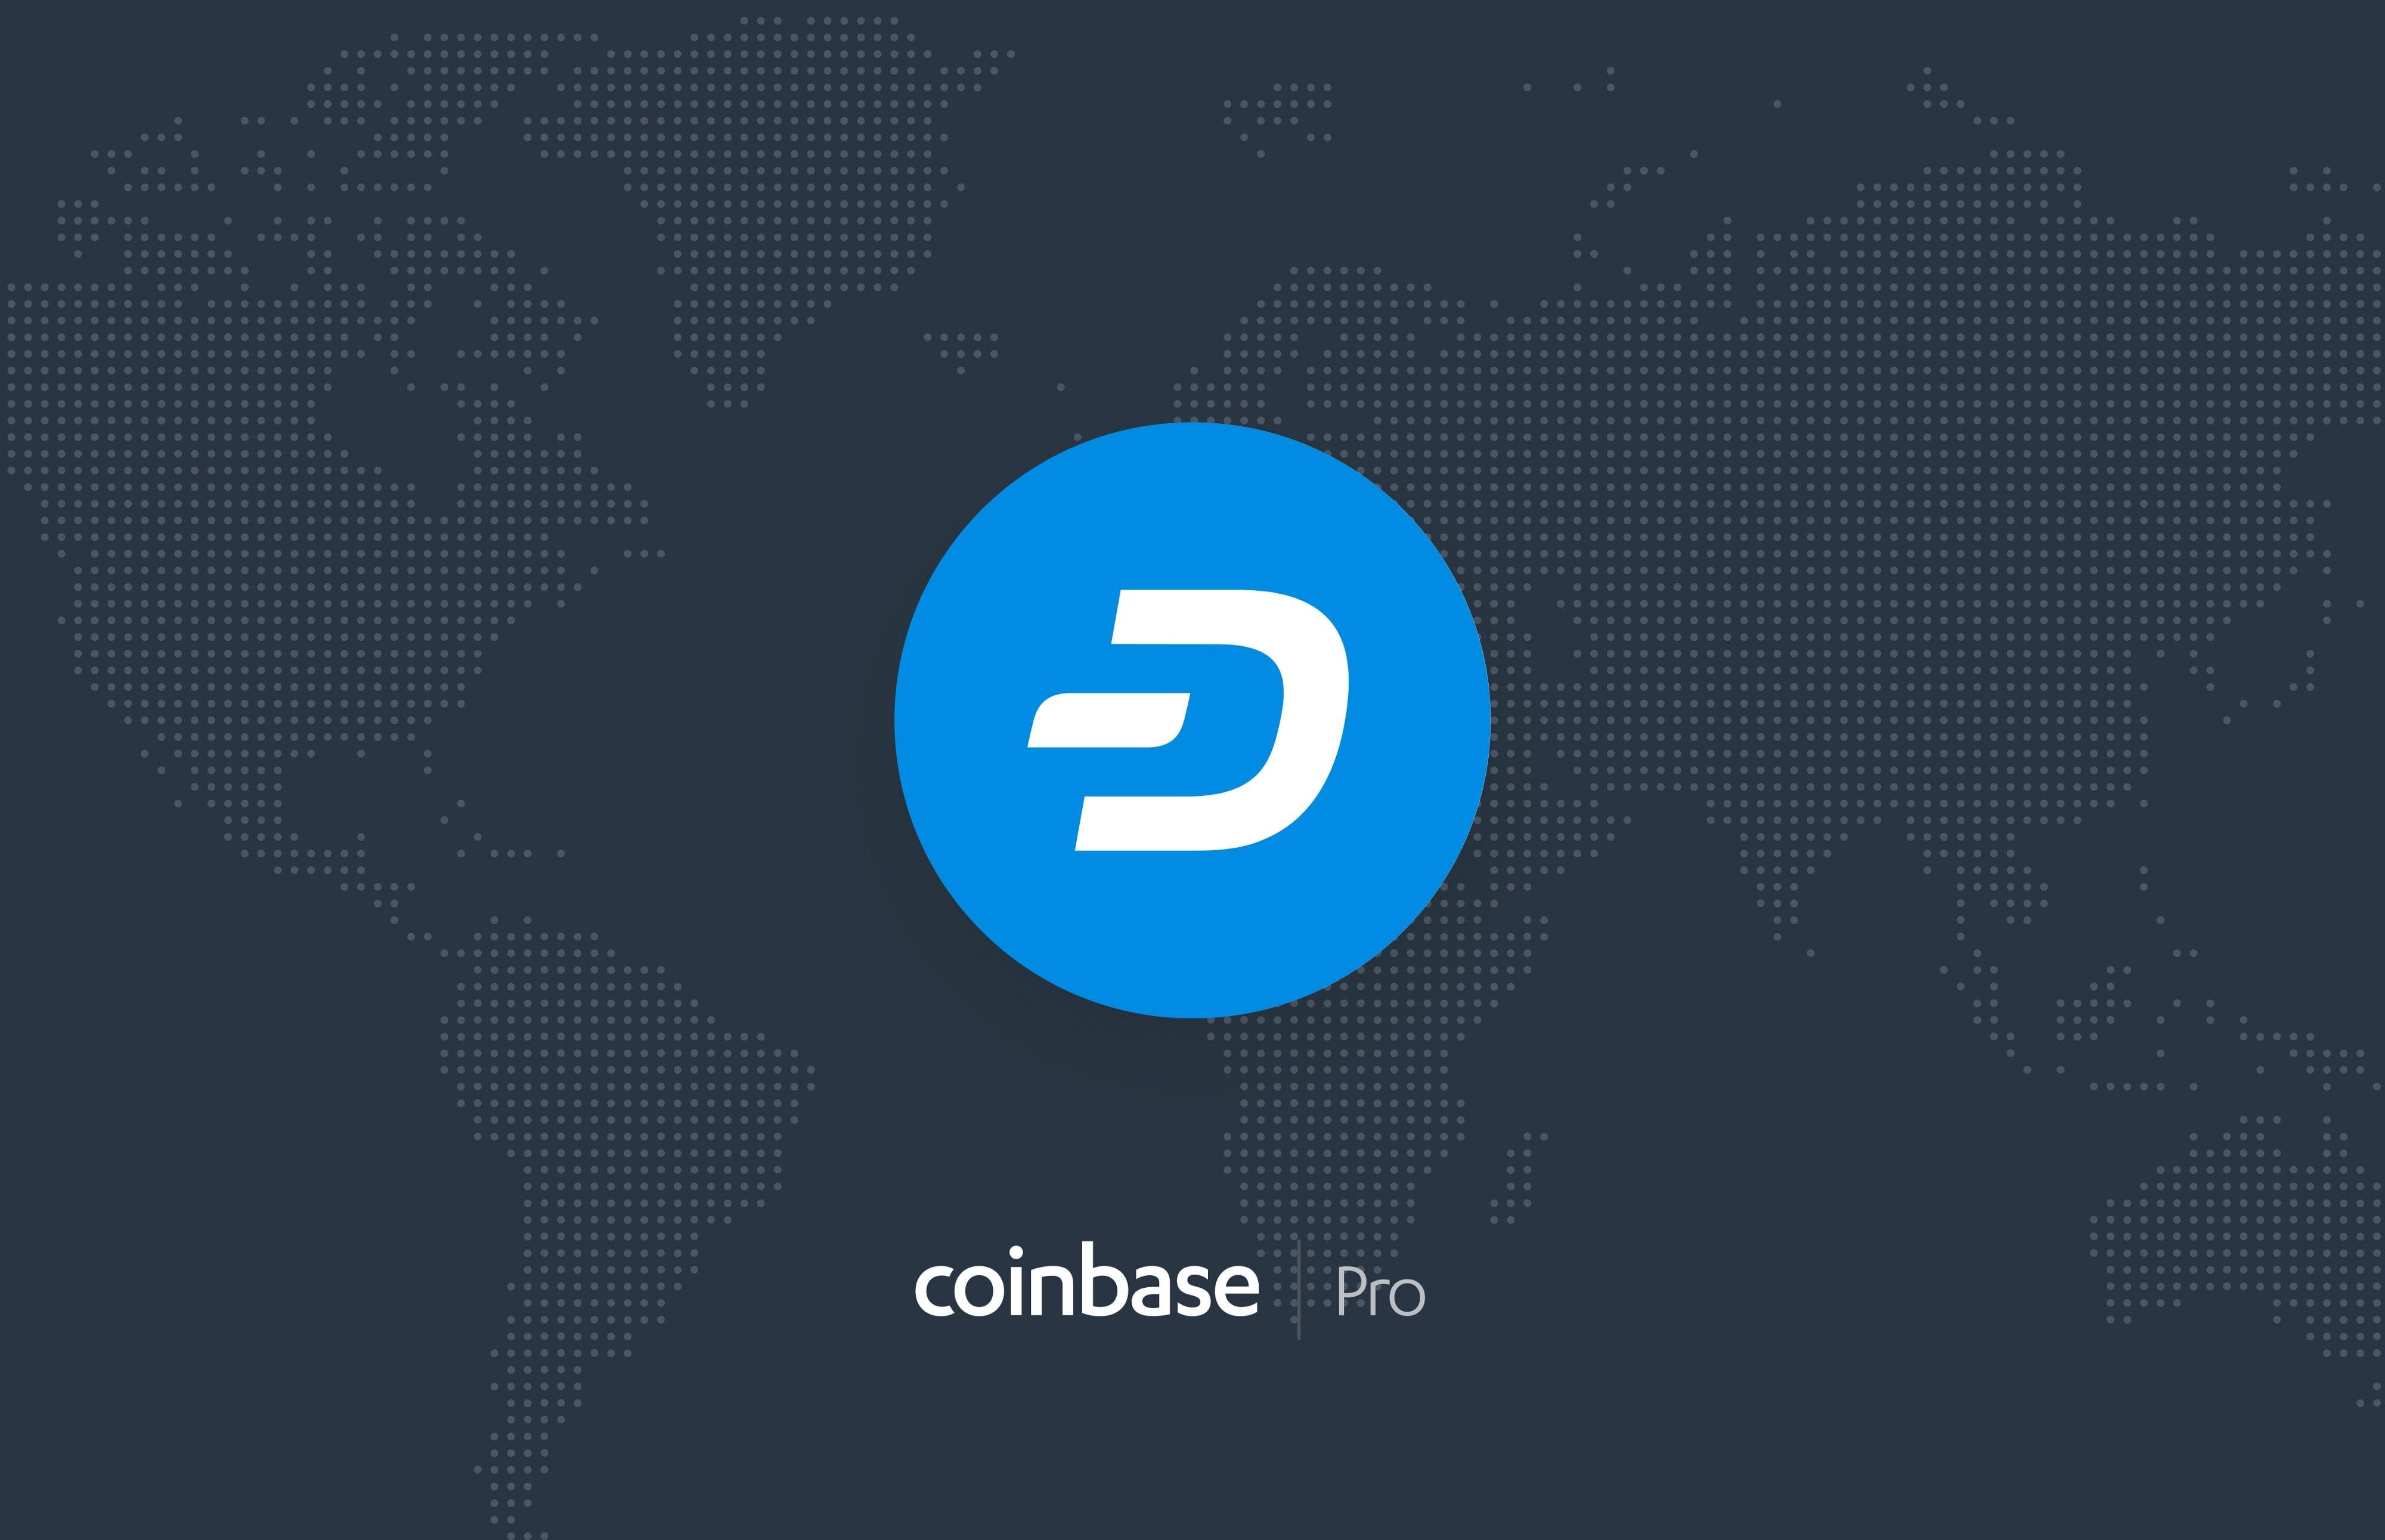 dash coinbase pro